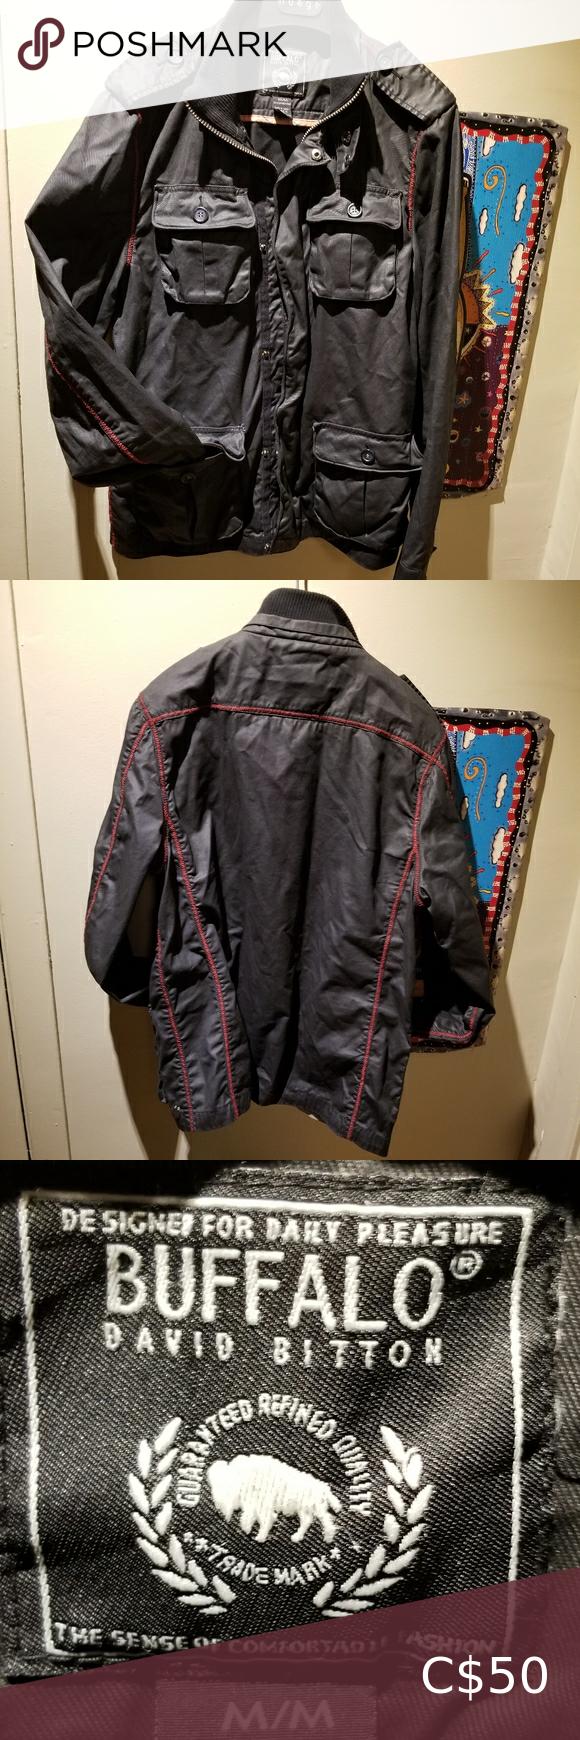 Buffalo David Bitton Black Waxed Jacket Size M Wax Jackets Buffalo David Bitton Buffalo Jacket [ 1740 x 580 Pixel ]